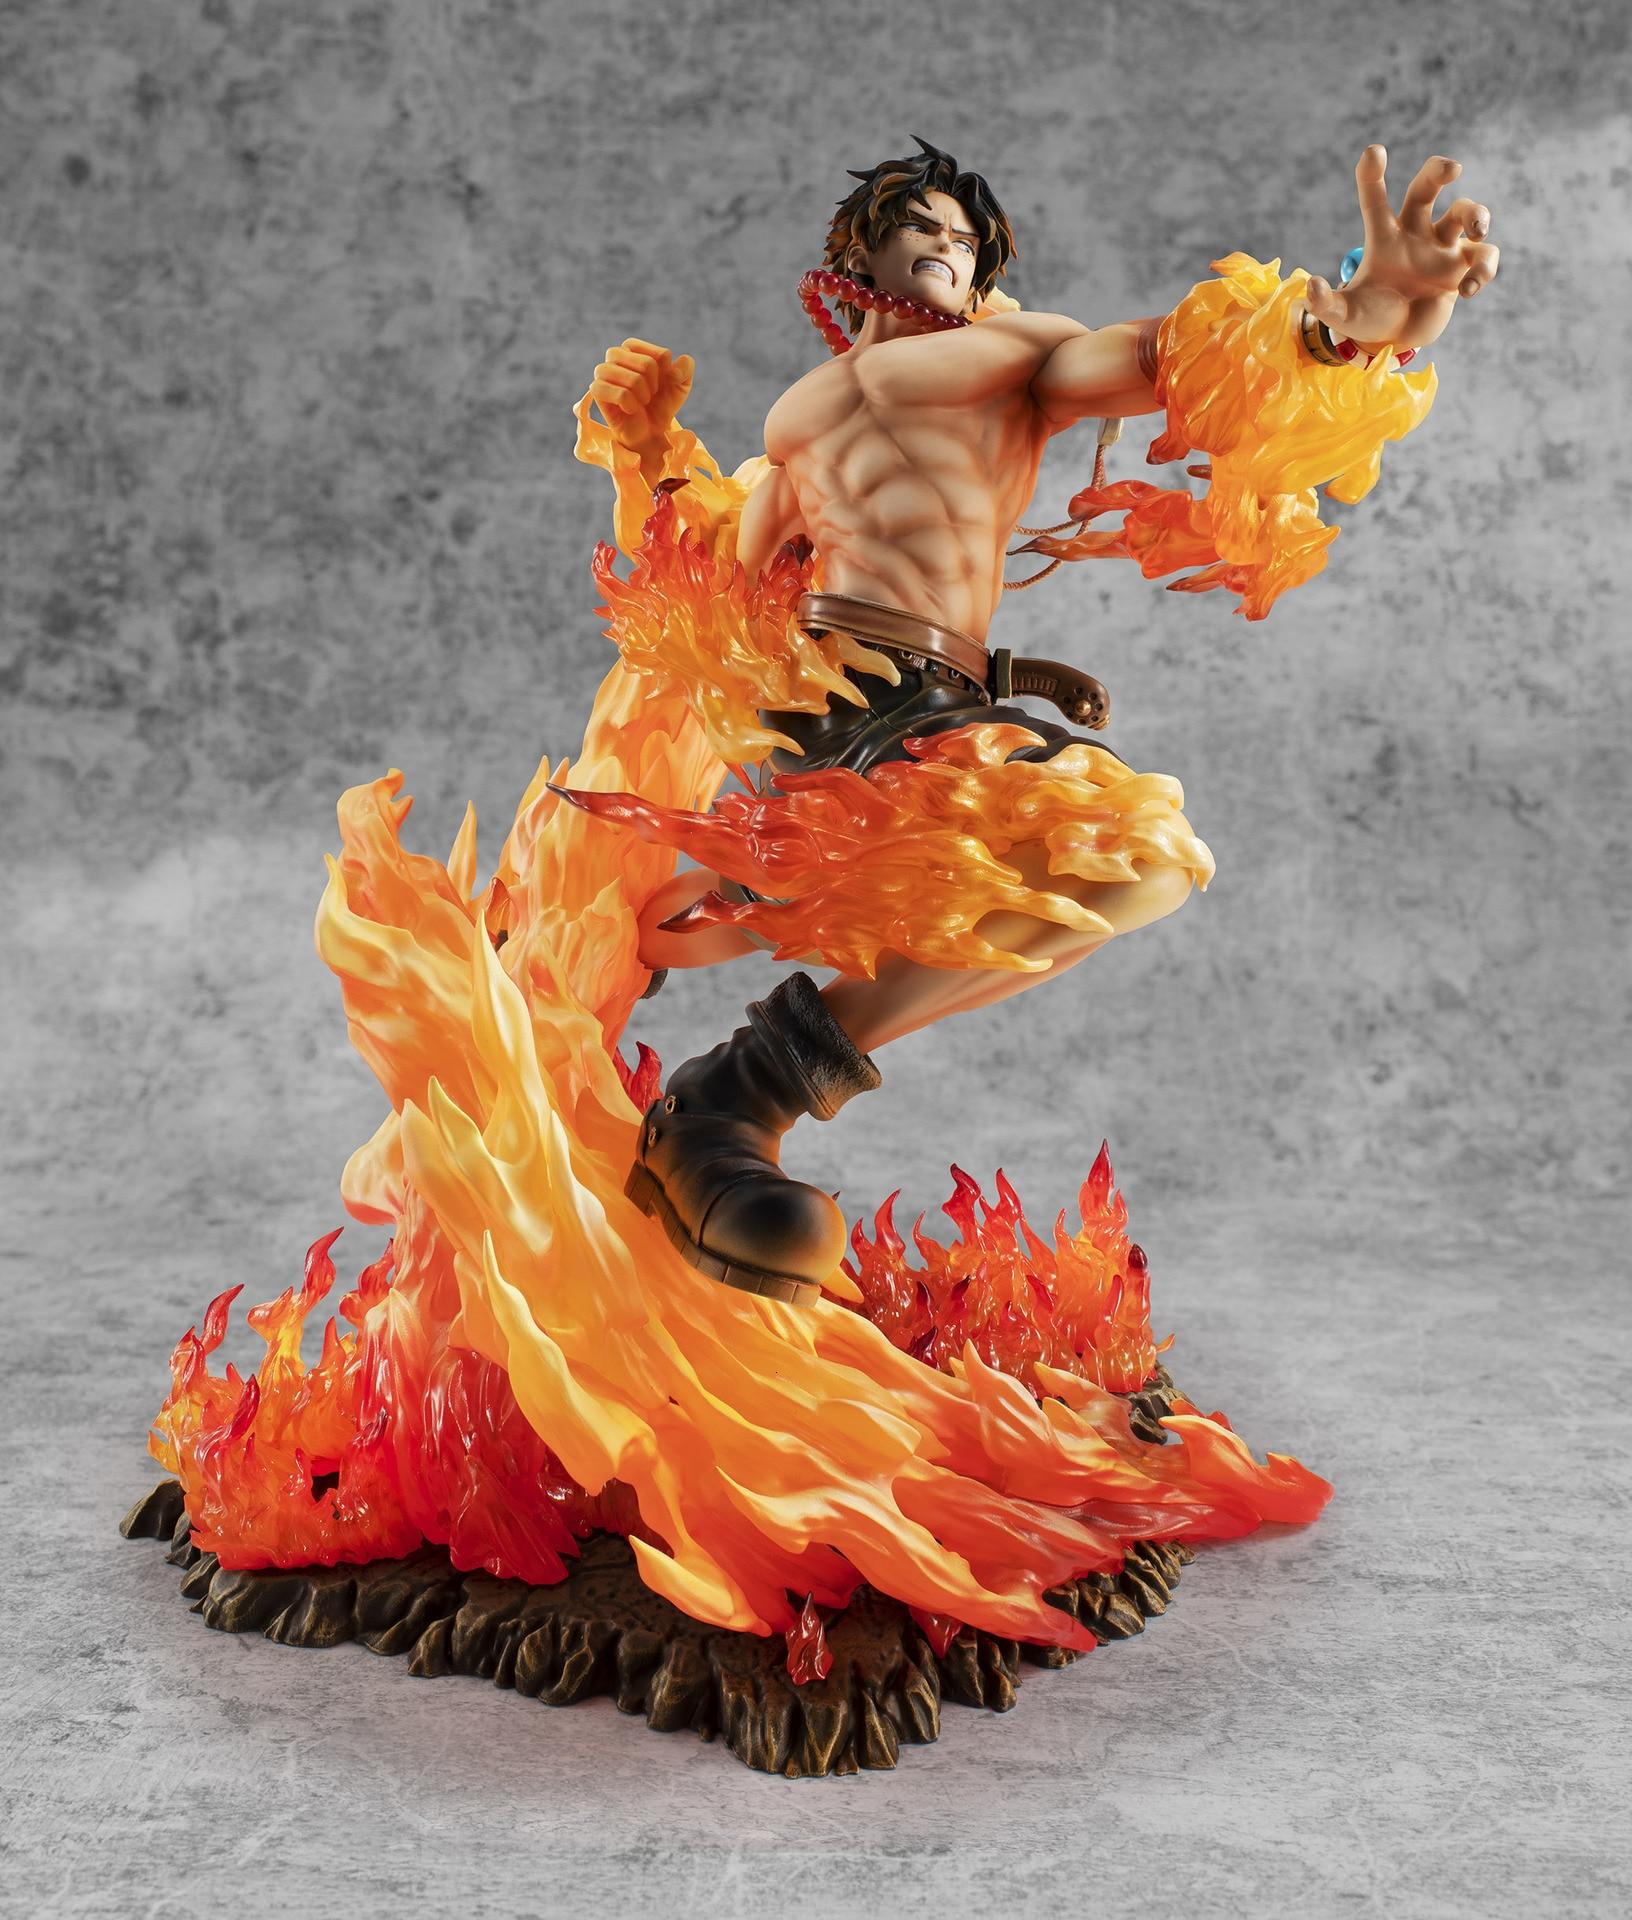 fogo pvc figura de ação uma peça